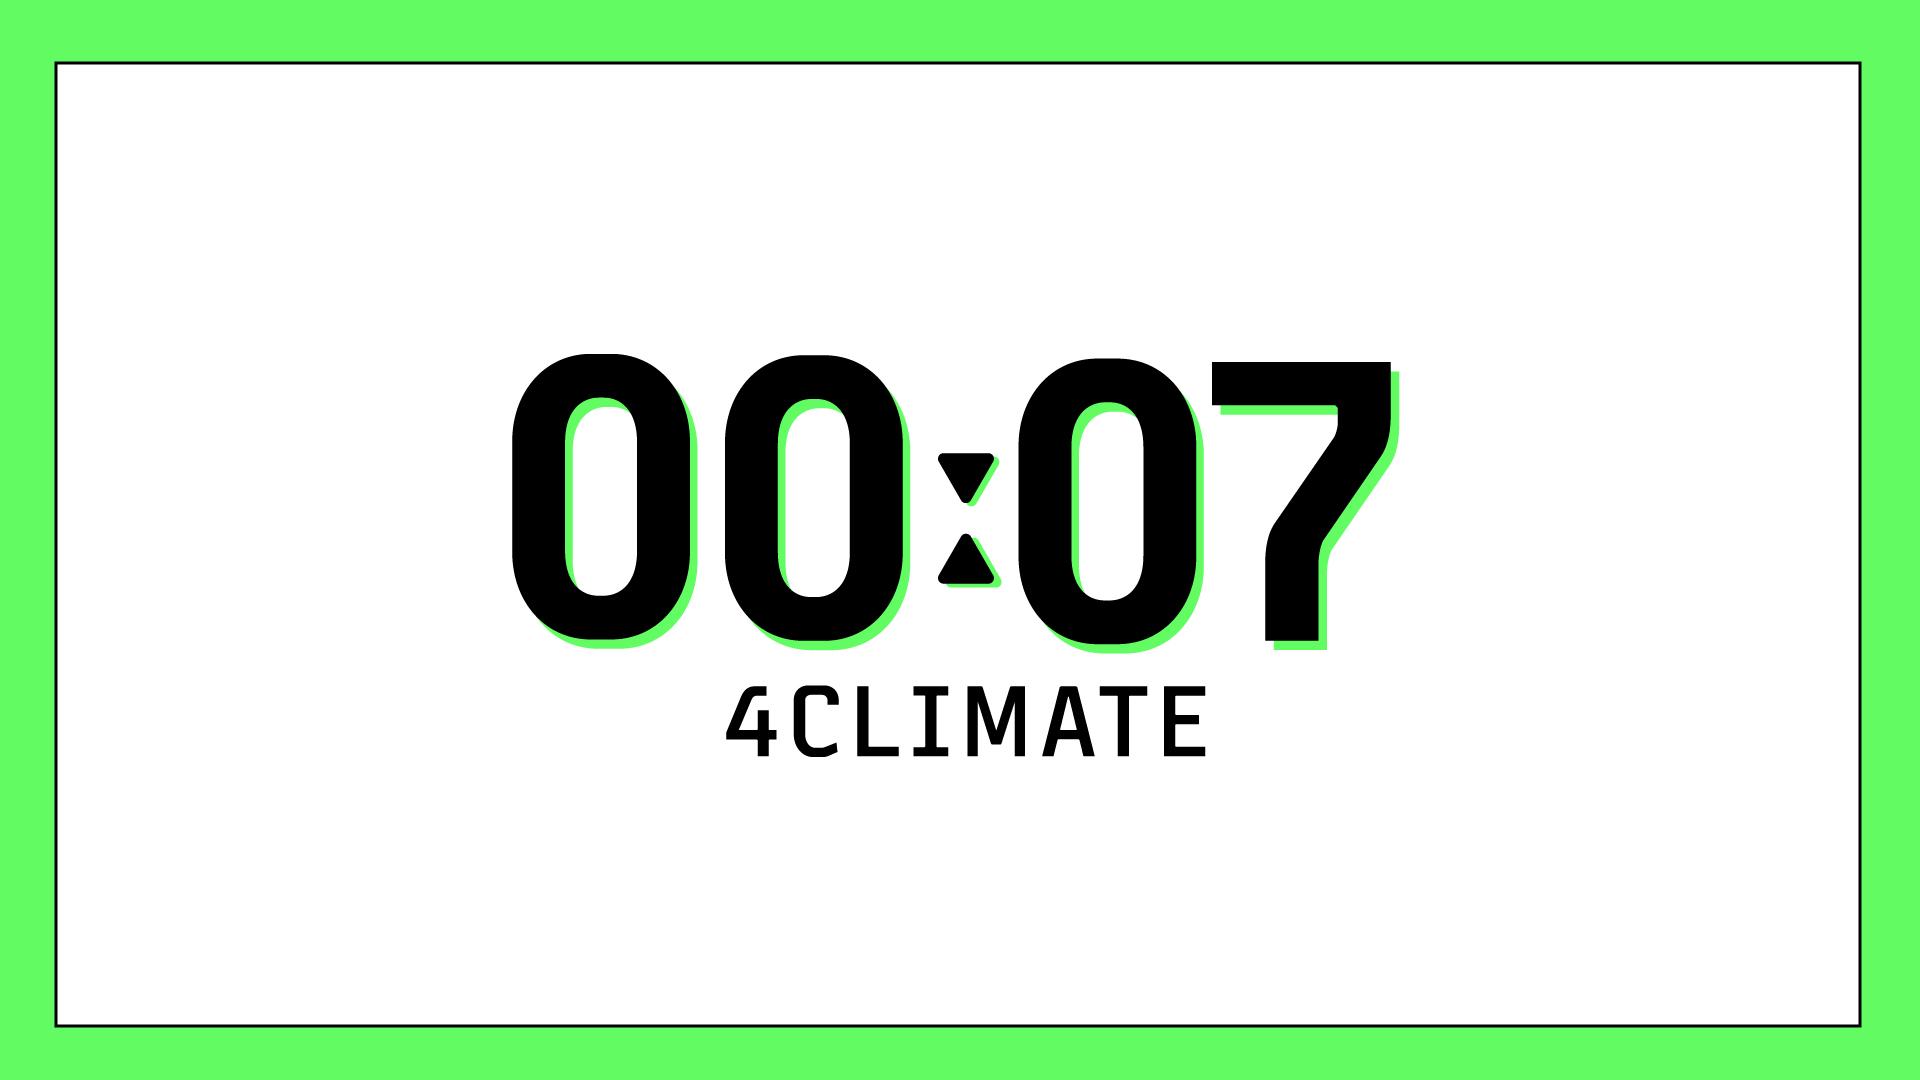 Westerdals Institutt for Kommunikasjon og Design - 7seconds4climate